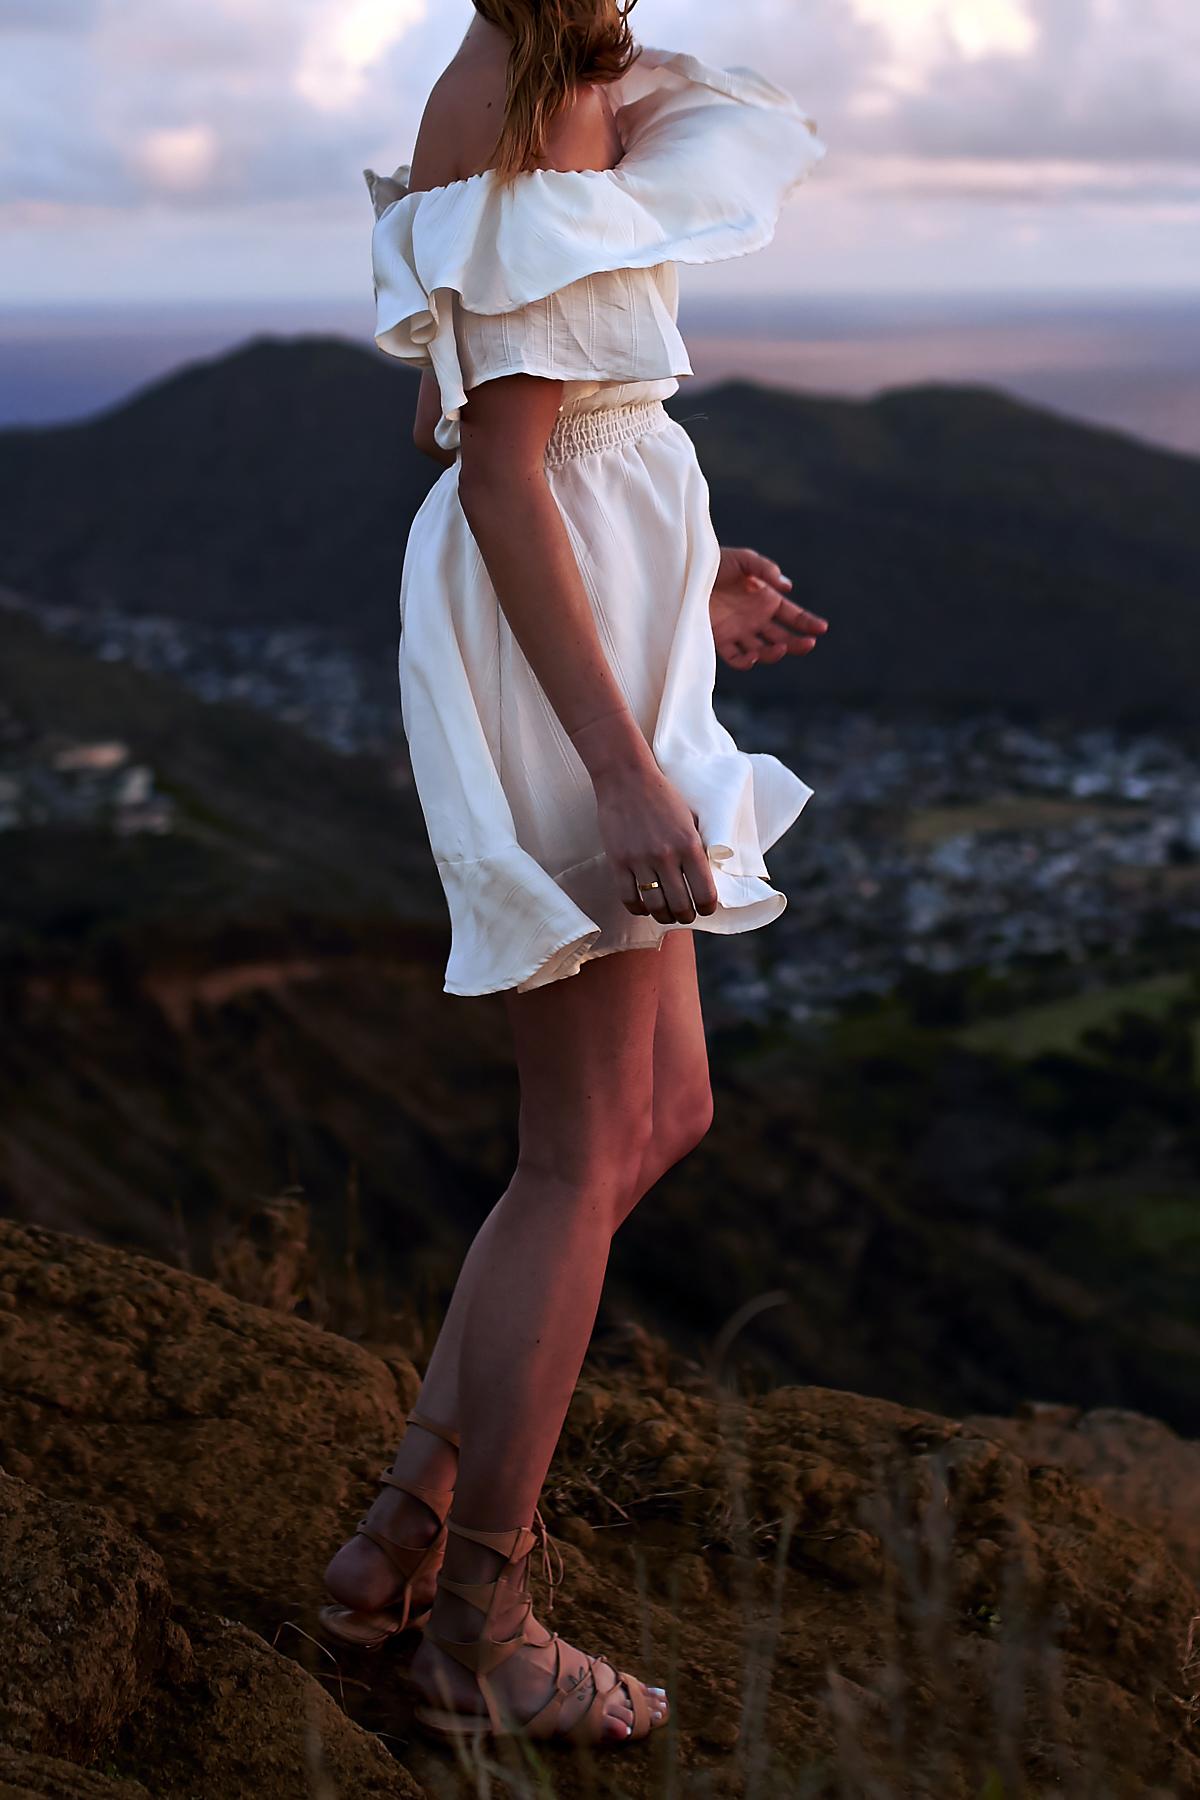 Tropical Vacation, white-off-the-shoulder-dress, Hawaii, Oahu, Koko Head, Sunrise